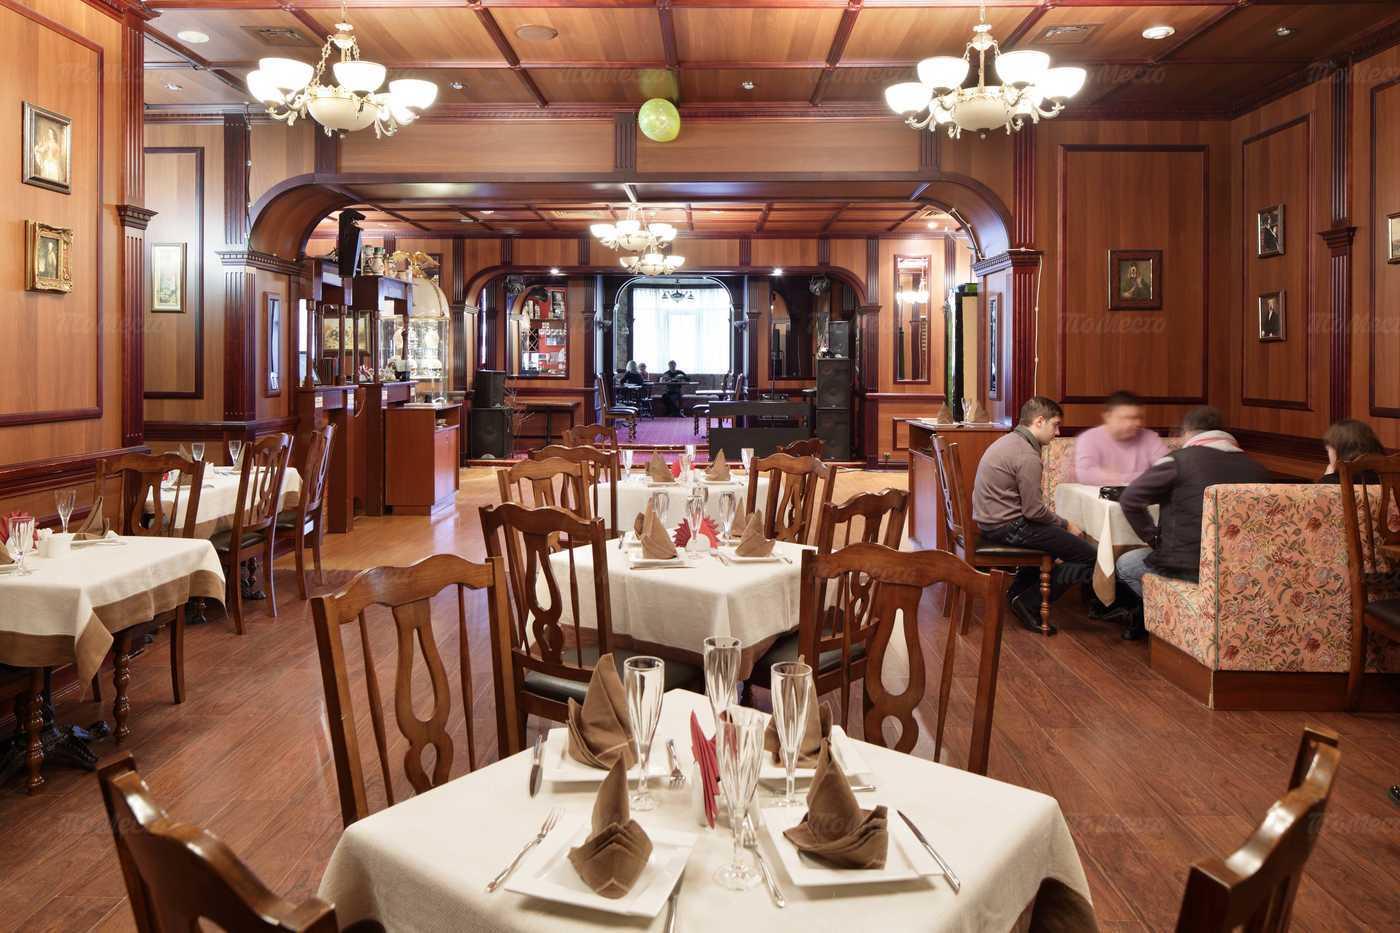 Меню караоке клуба, ресторана Коронный (бывш.Московский креденс) на проспекте Вернадского